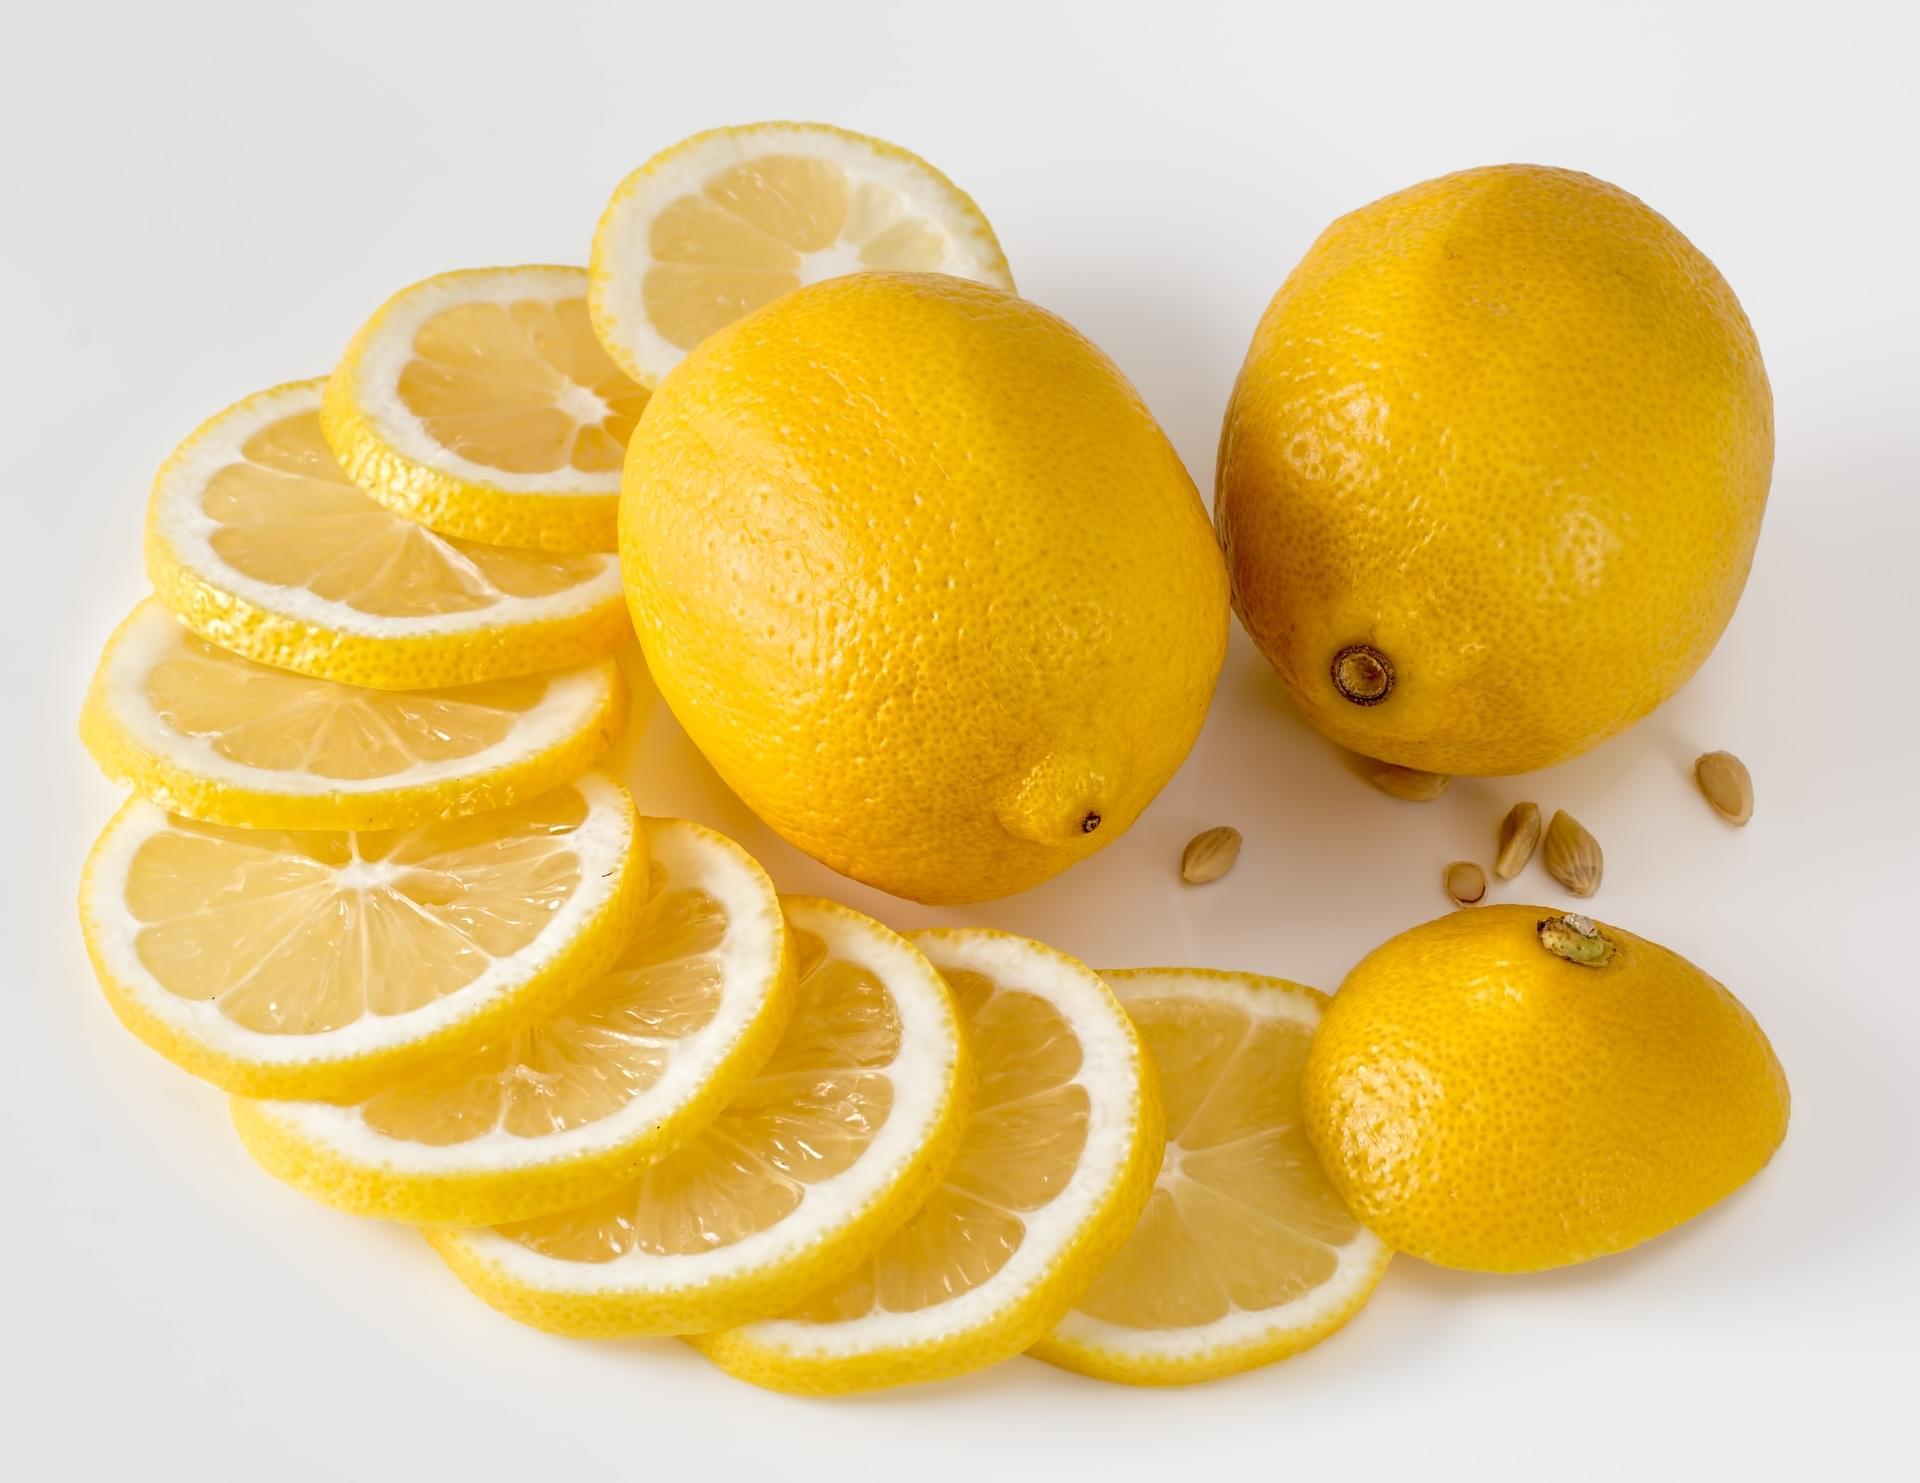 Smelling Lemons Makes You Feel Slimmer